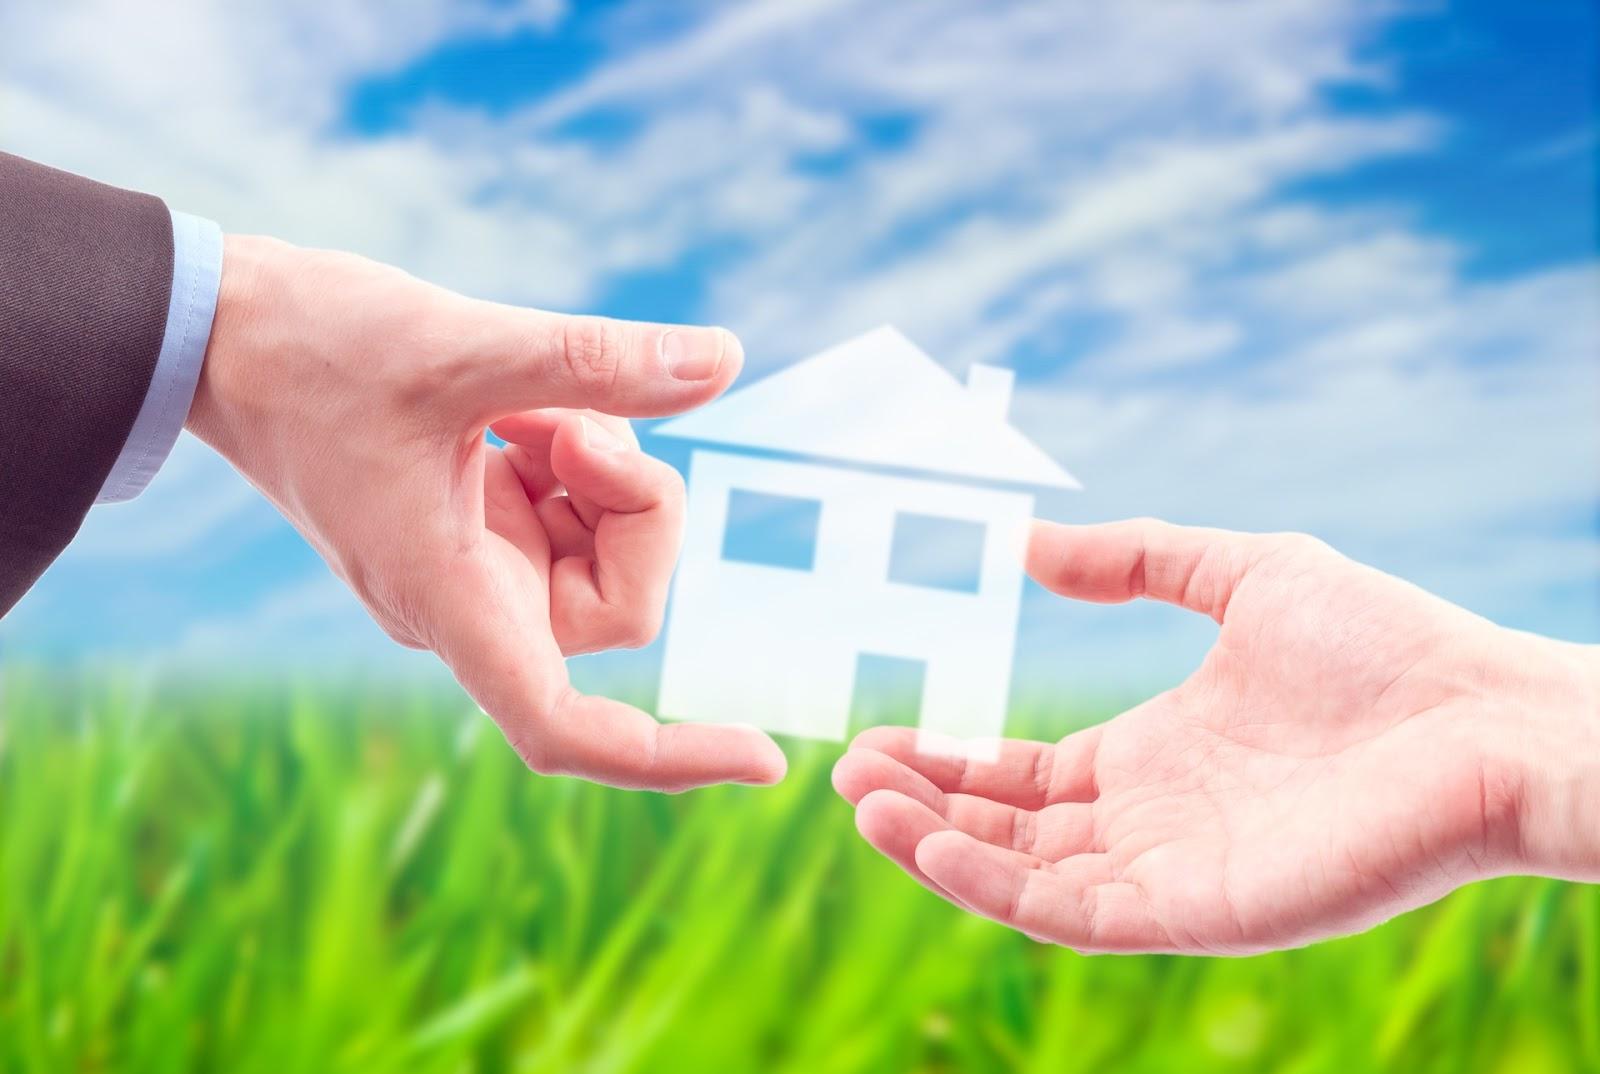 El crédito del Banco Nación tiene tasa fija en los primeros tres años (Shutterstock)